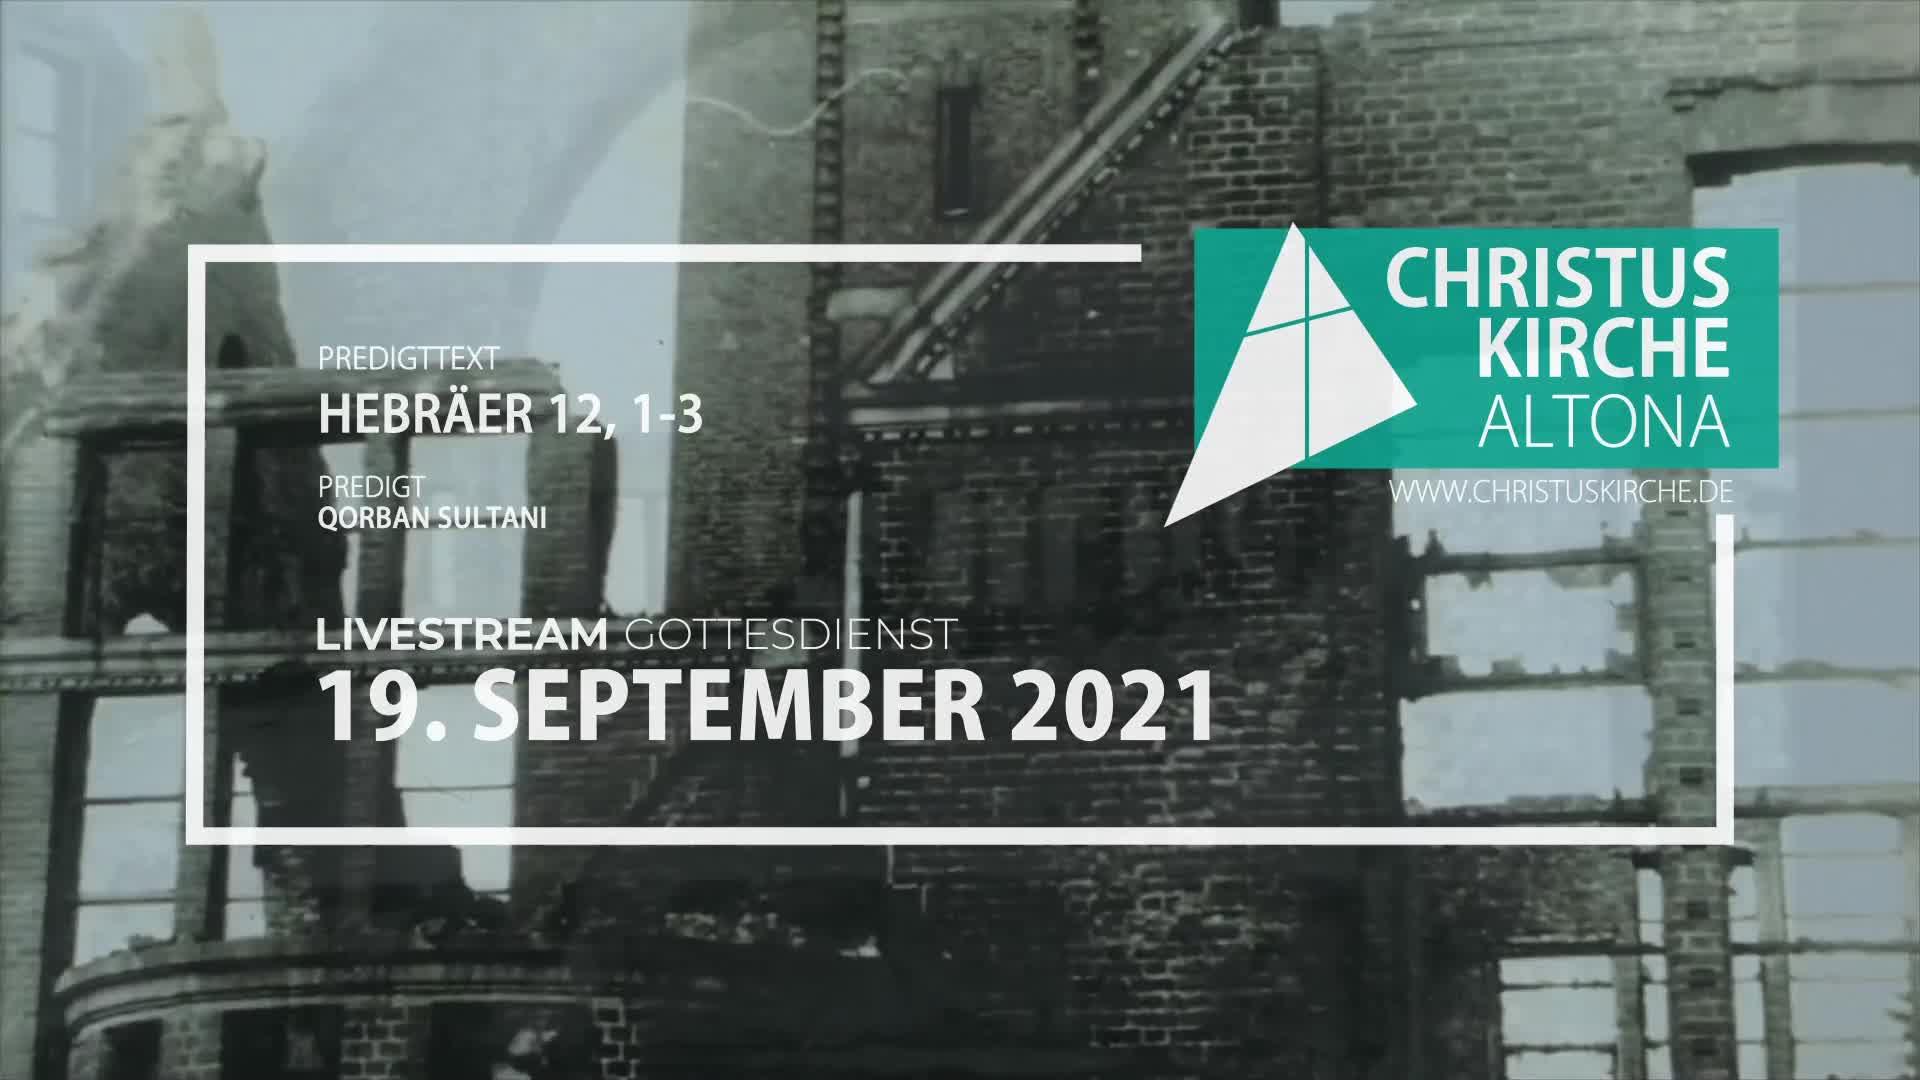 Gottesdienst am 19. September 2021 - Livestream aus der Christuskirche Altona